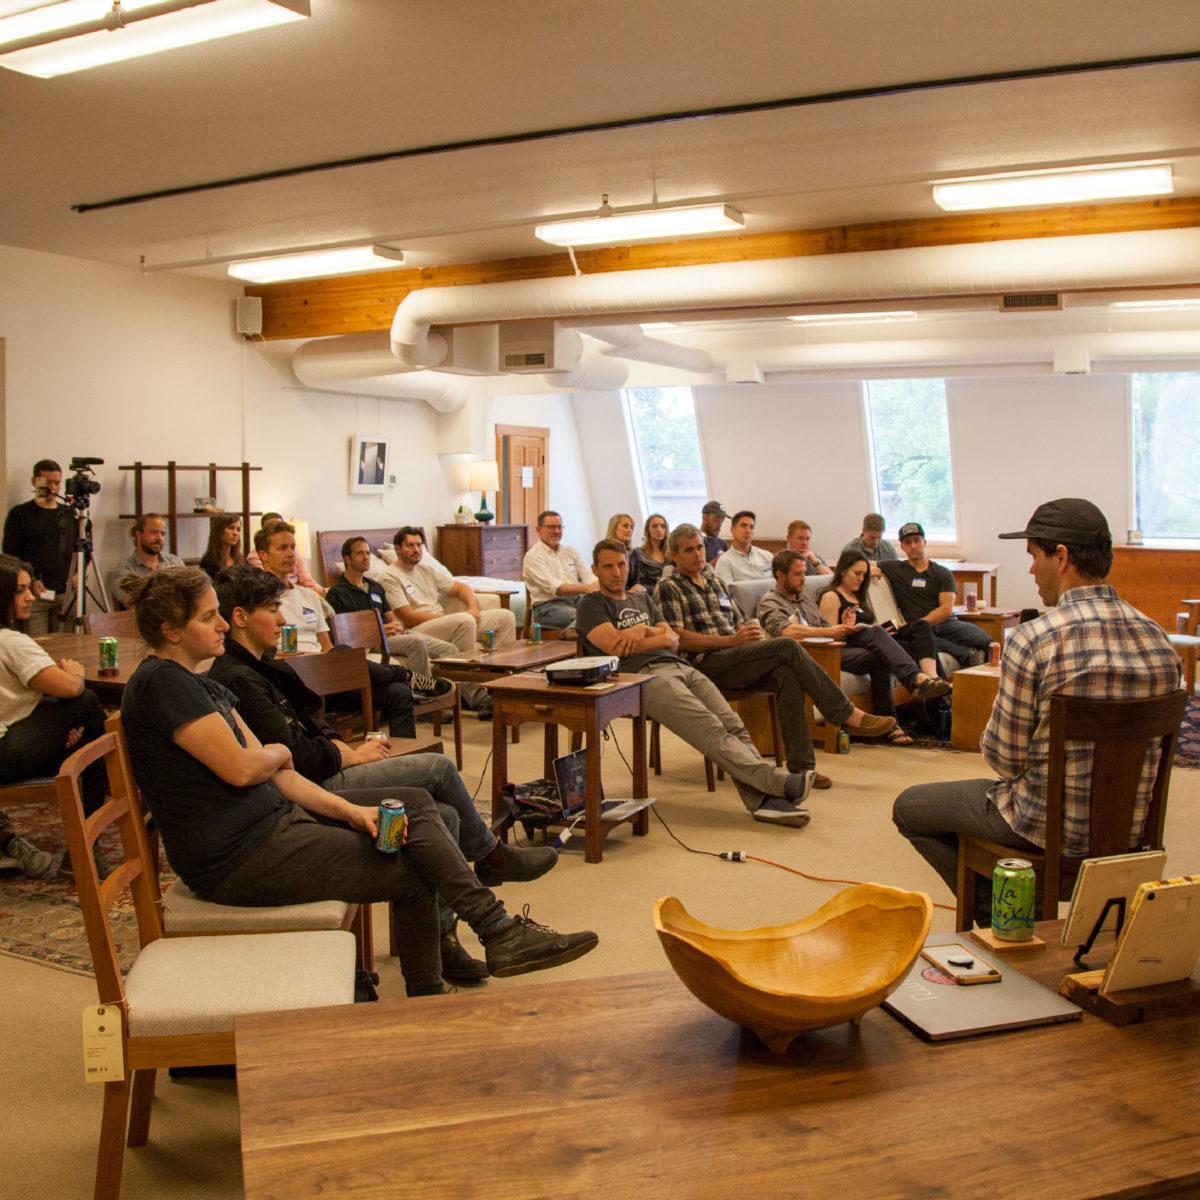 Maker-Meetup-Rumpl-Joinery-051-1200x1200.jpg